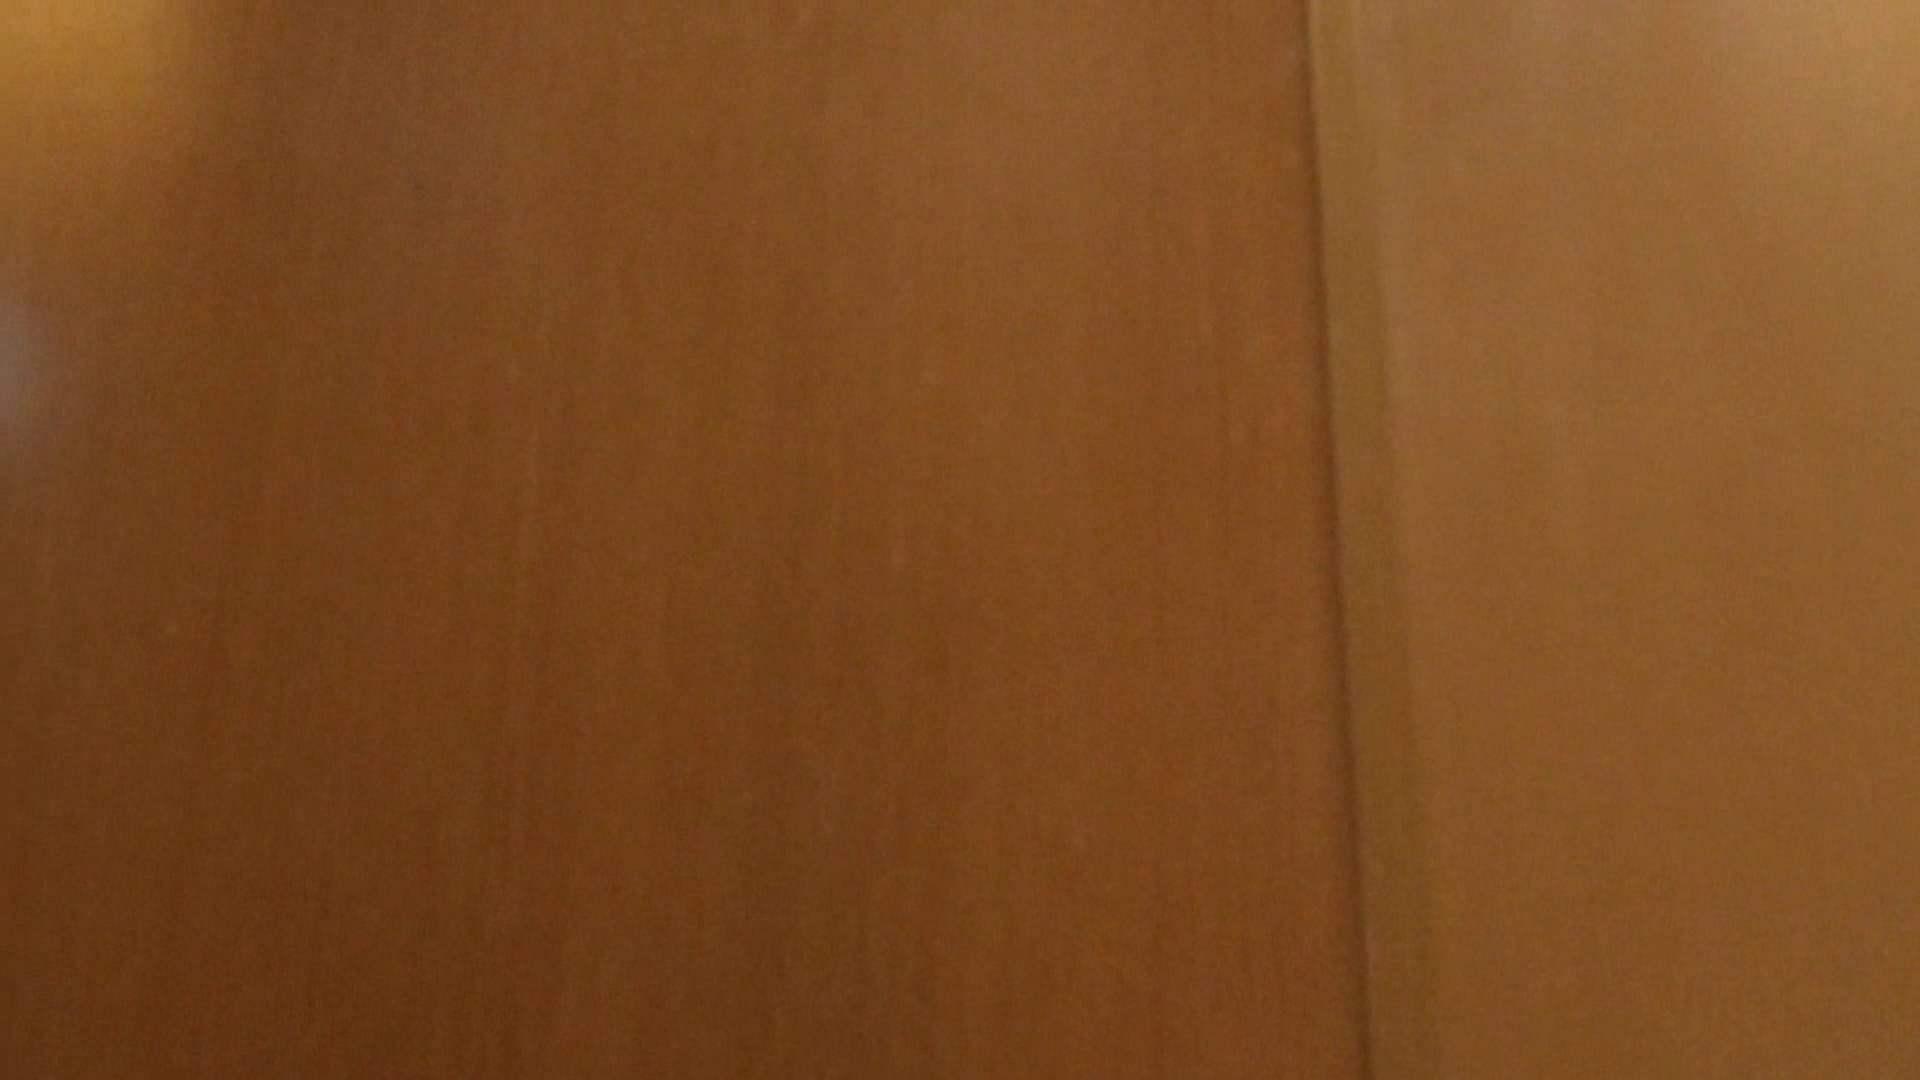 「噂」の国の厠観察日記2 Vol.02 綺麗なOLたち | 厠  96枚 10